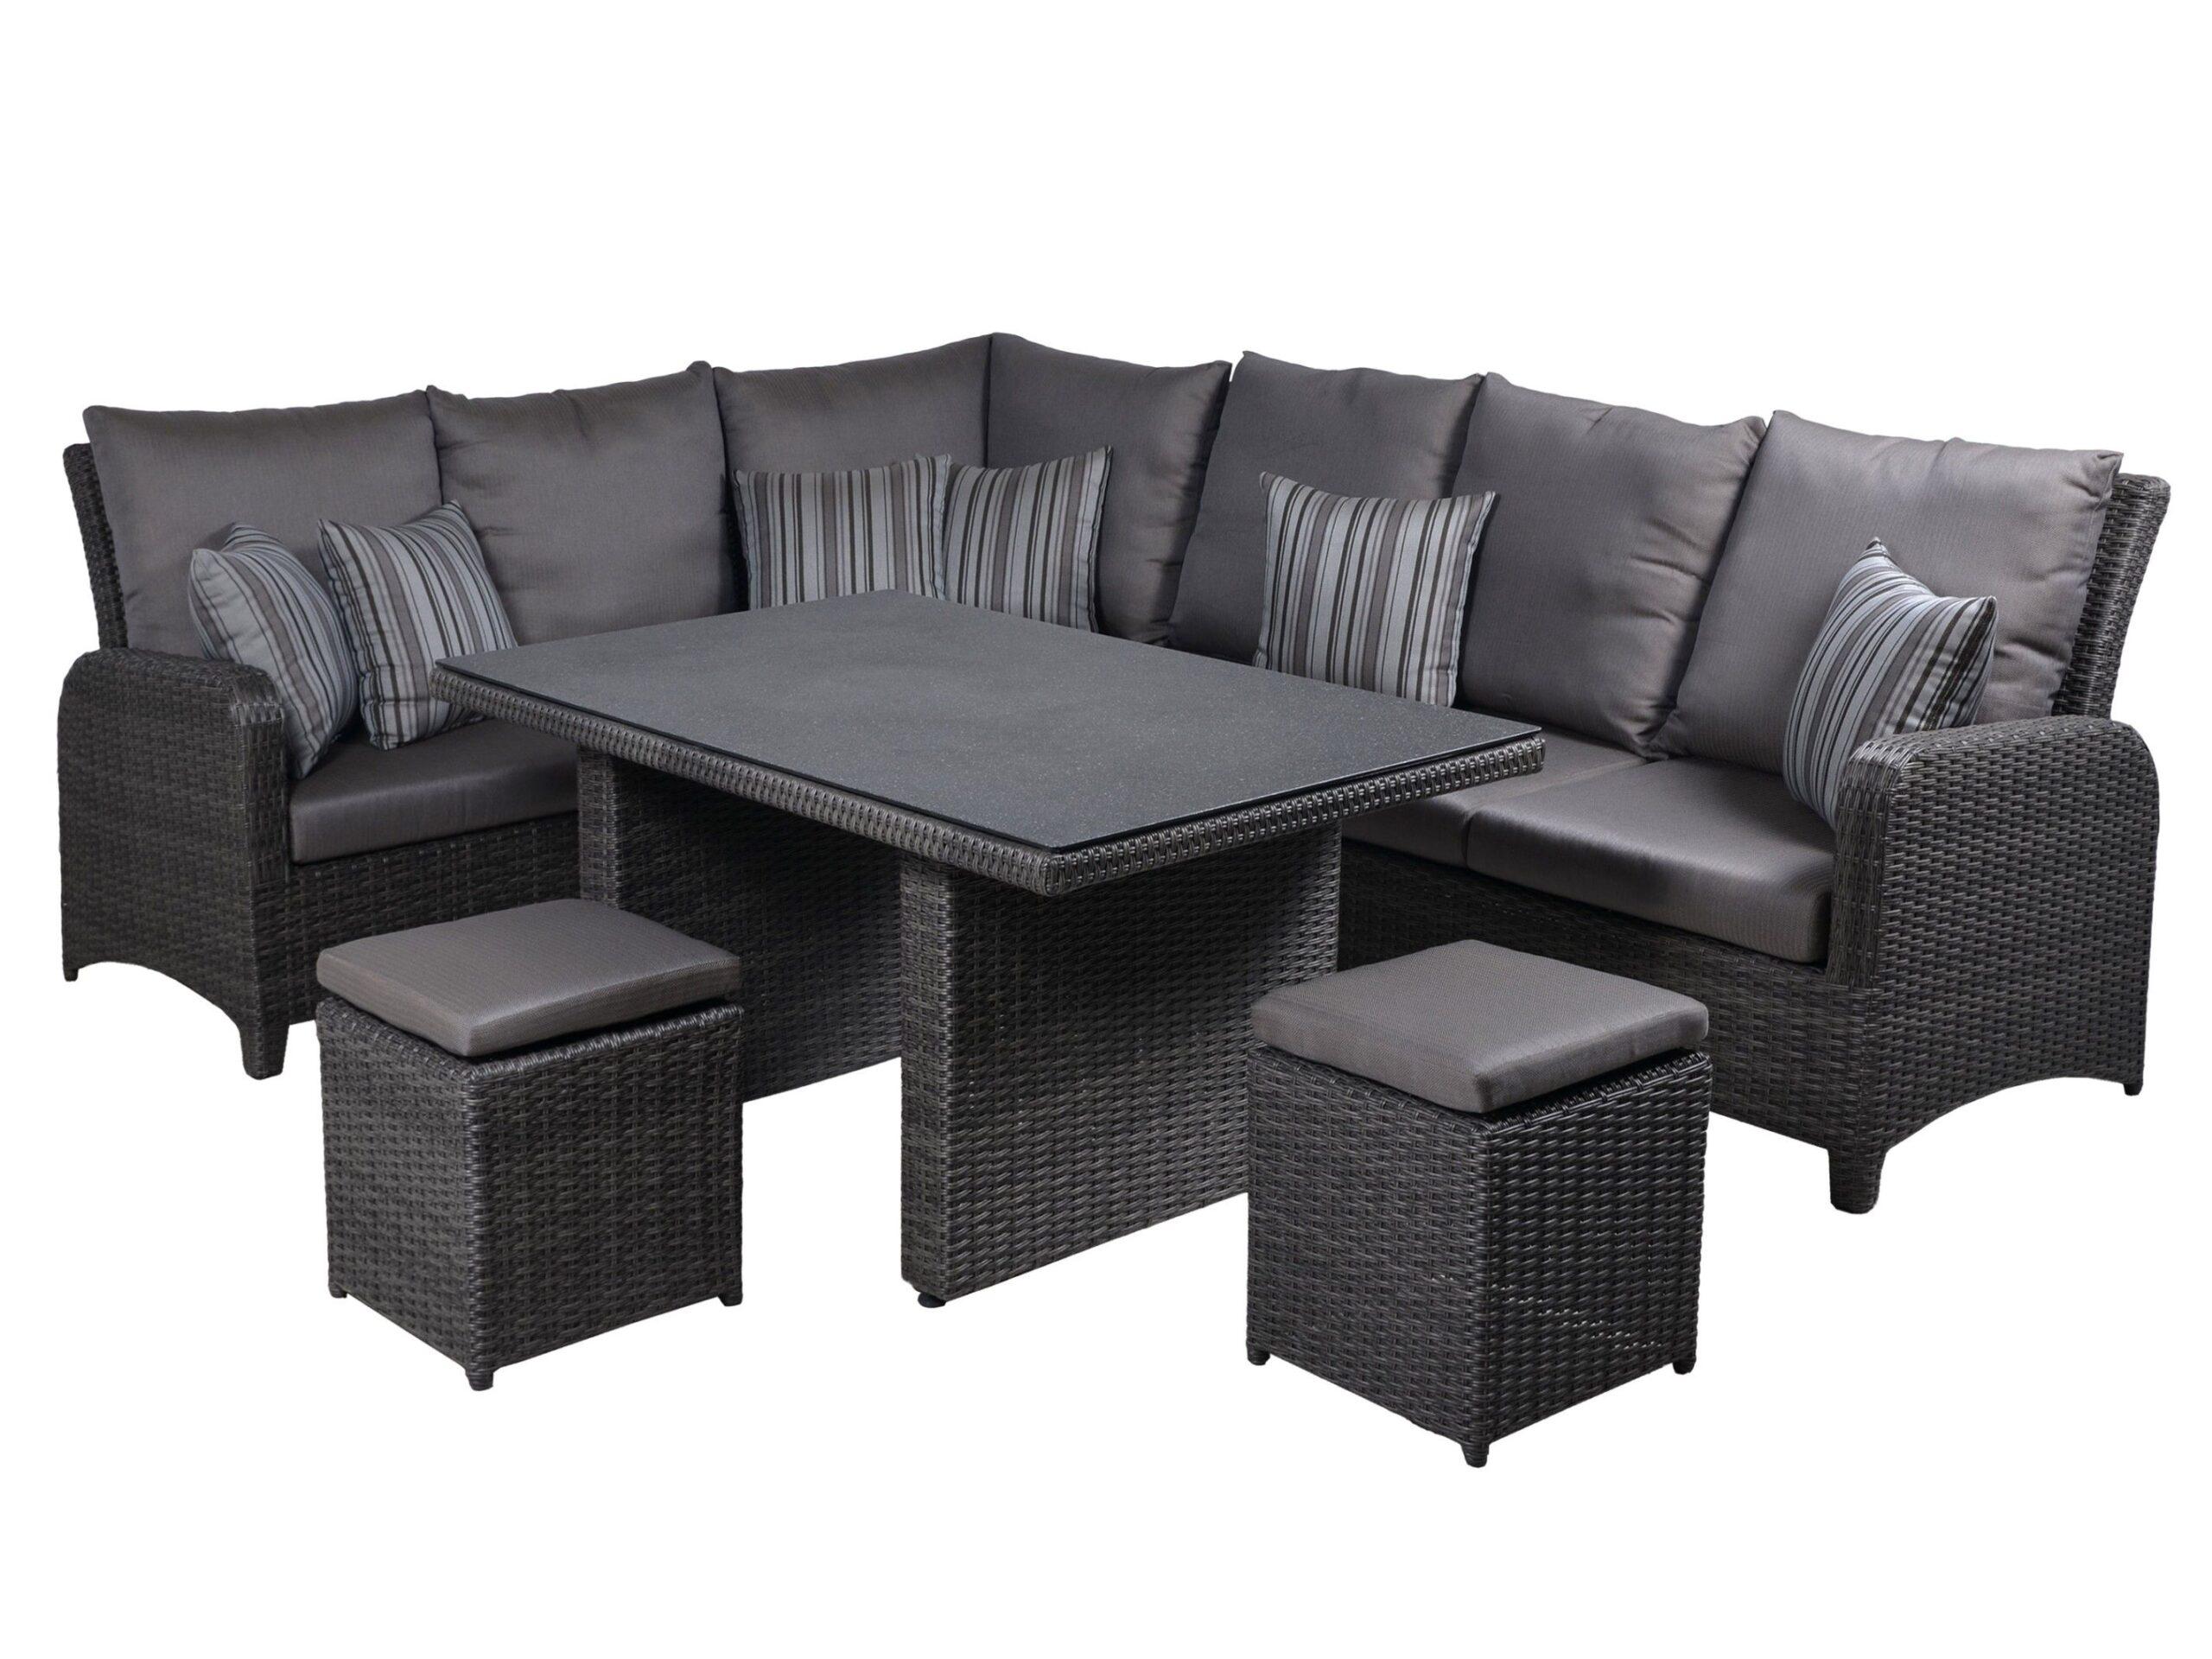 Full Size of Terrassen Lounge Tisch Und Sthle Loungemobel Interessant Garten Loungemöbel Günstig Möbel Sofa Holz Set Sessel Wohnzimmer Terrassen Lounge